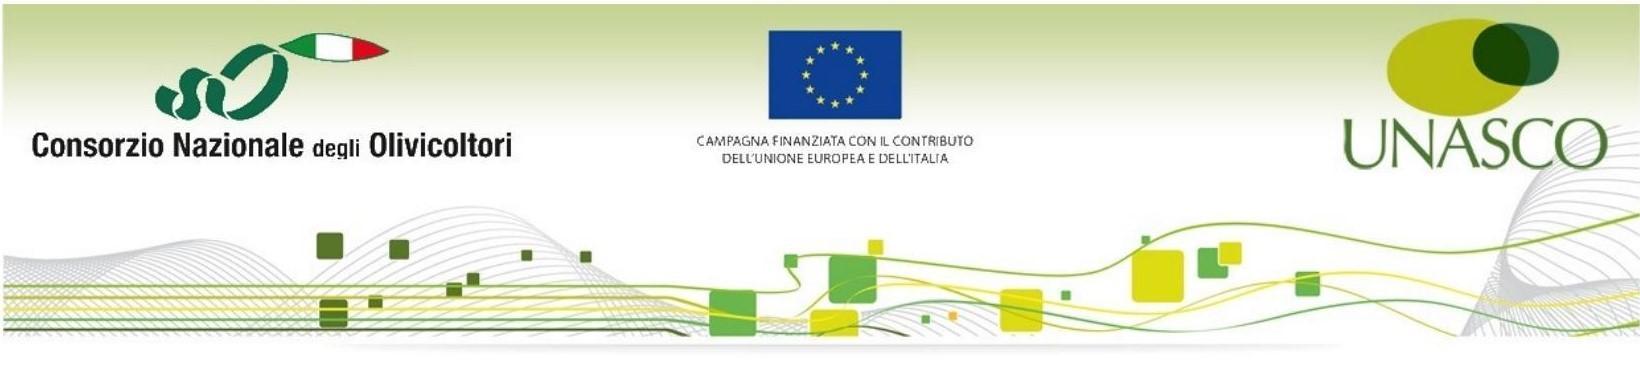 (Italiano) BOLLETTINO FITOPATOLOGICO MONITORAGGIO TIGNOLA – Prays oleae CAMPAGNA 2019/2020